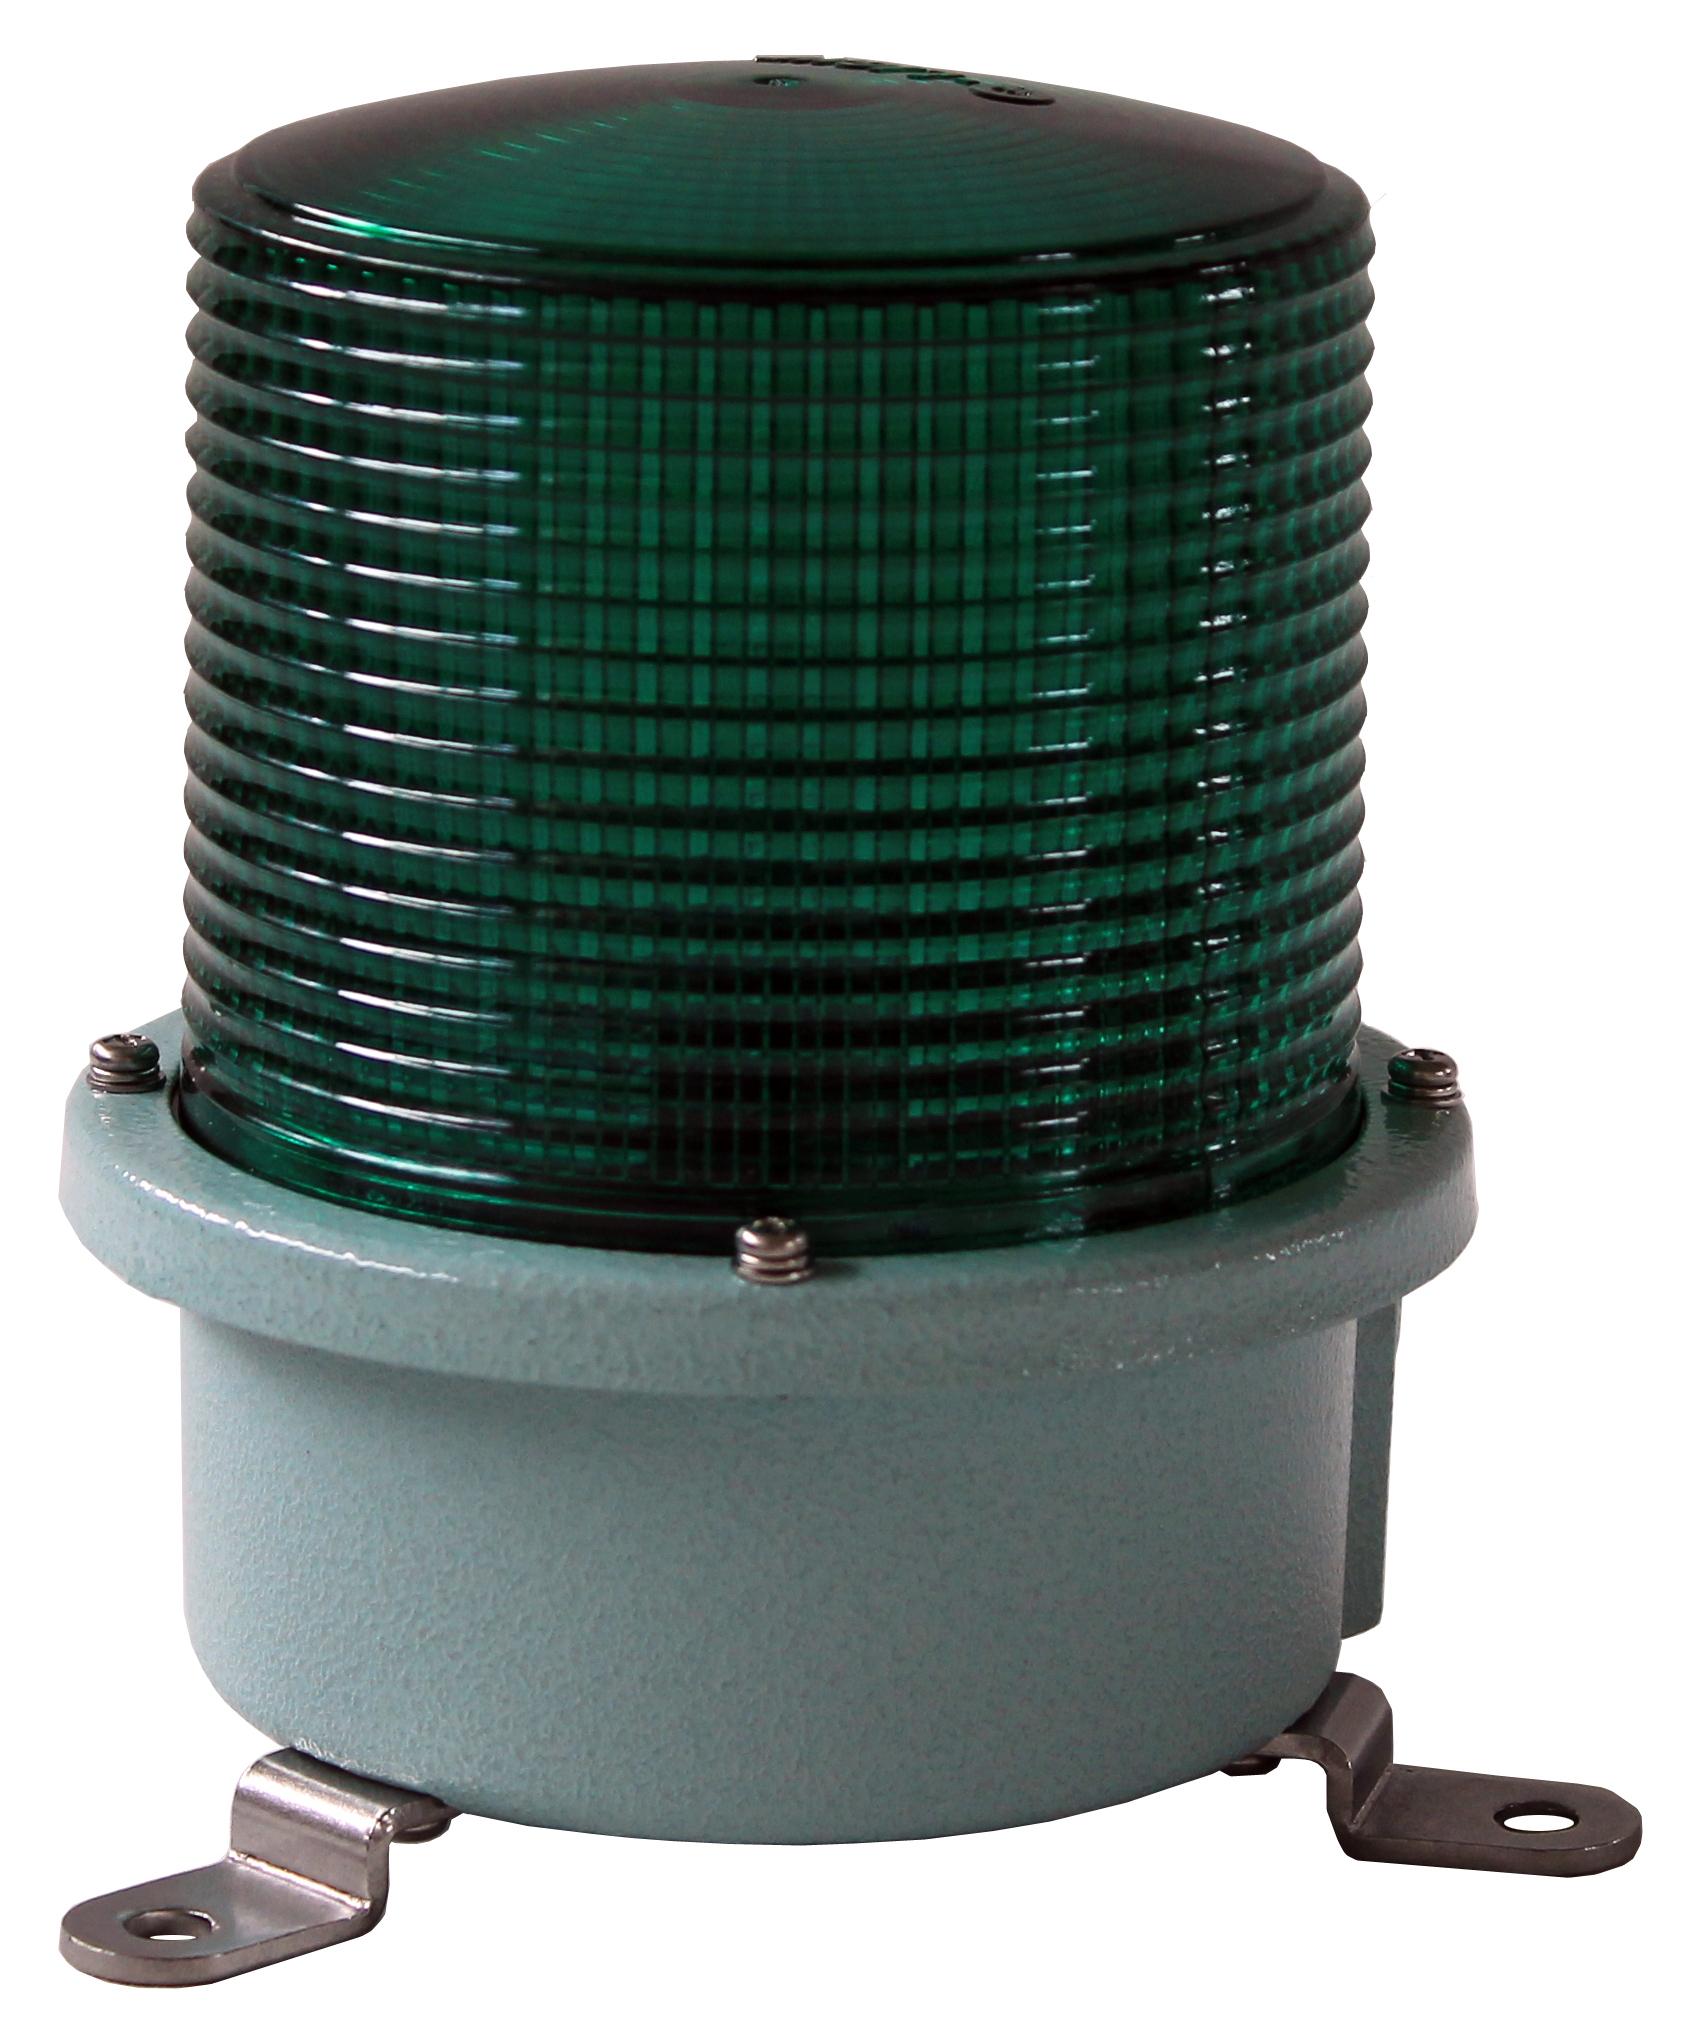 Garage Door Green Light Blinking: Alarm With Lighted Signal 12V